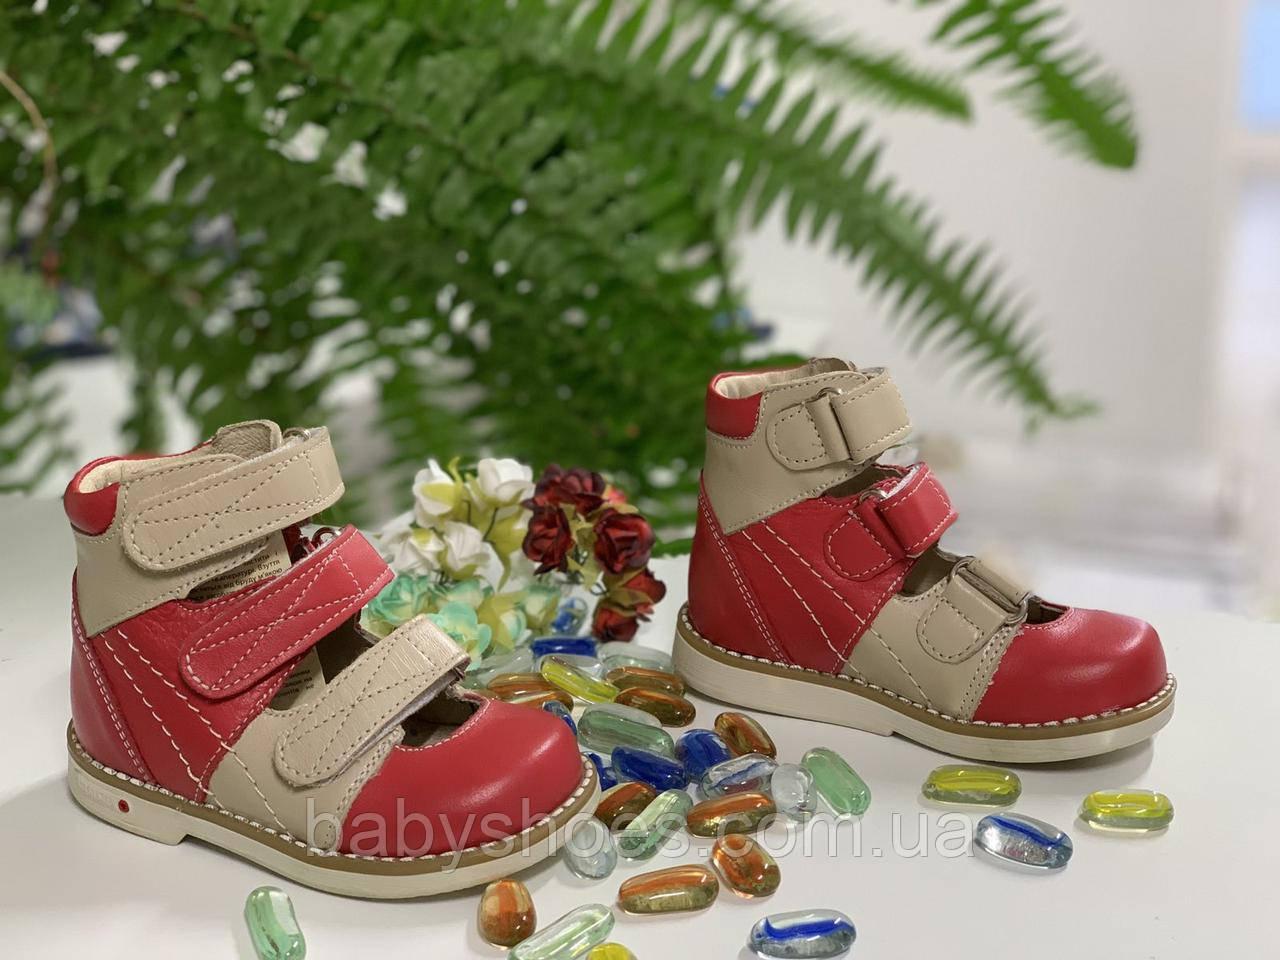 Ортопедические туфли  Берегиня  р.28  модель 0605